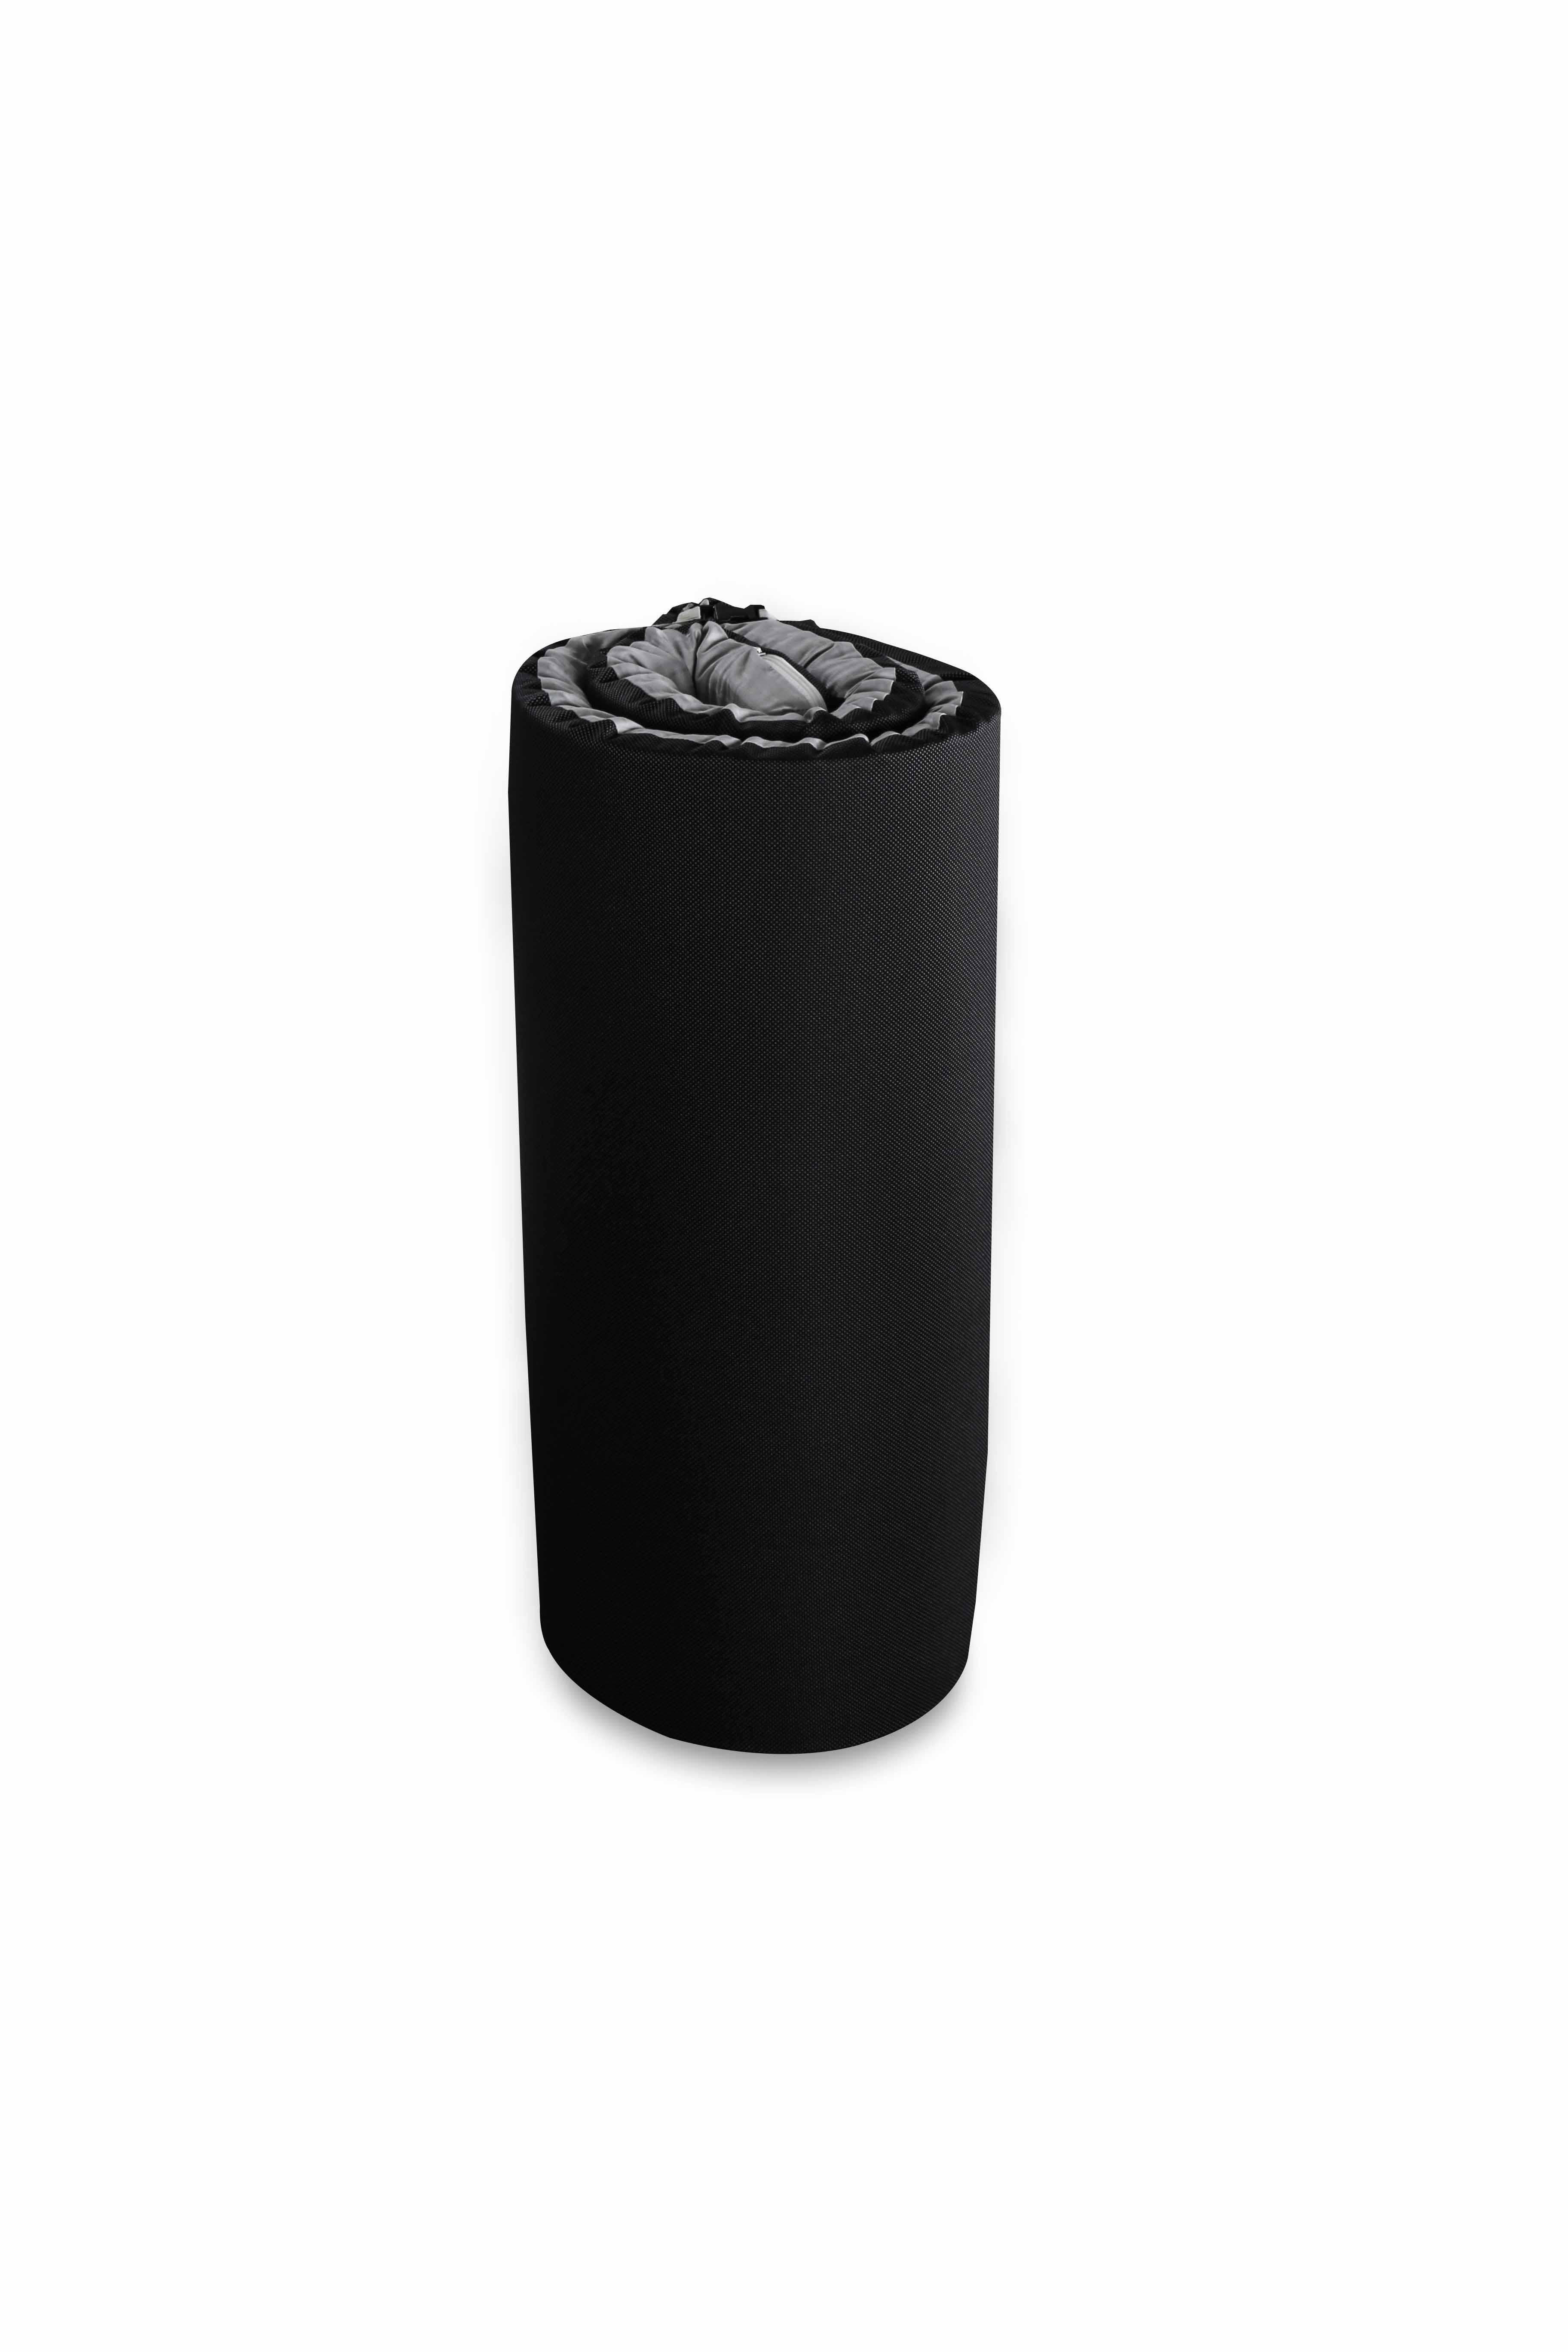 matelas pour camping matelas en memoire de forme matelas pliable lit d 39 appoin ebay. Black Bedroom Furniture Sets. Home Design Ideas